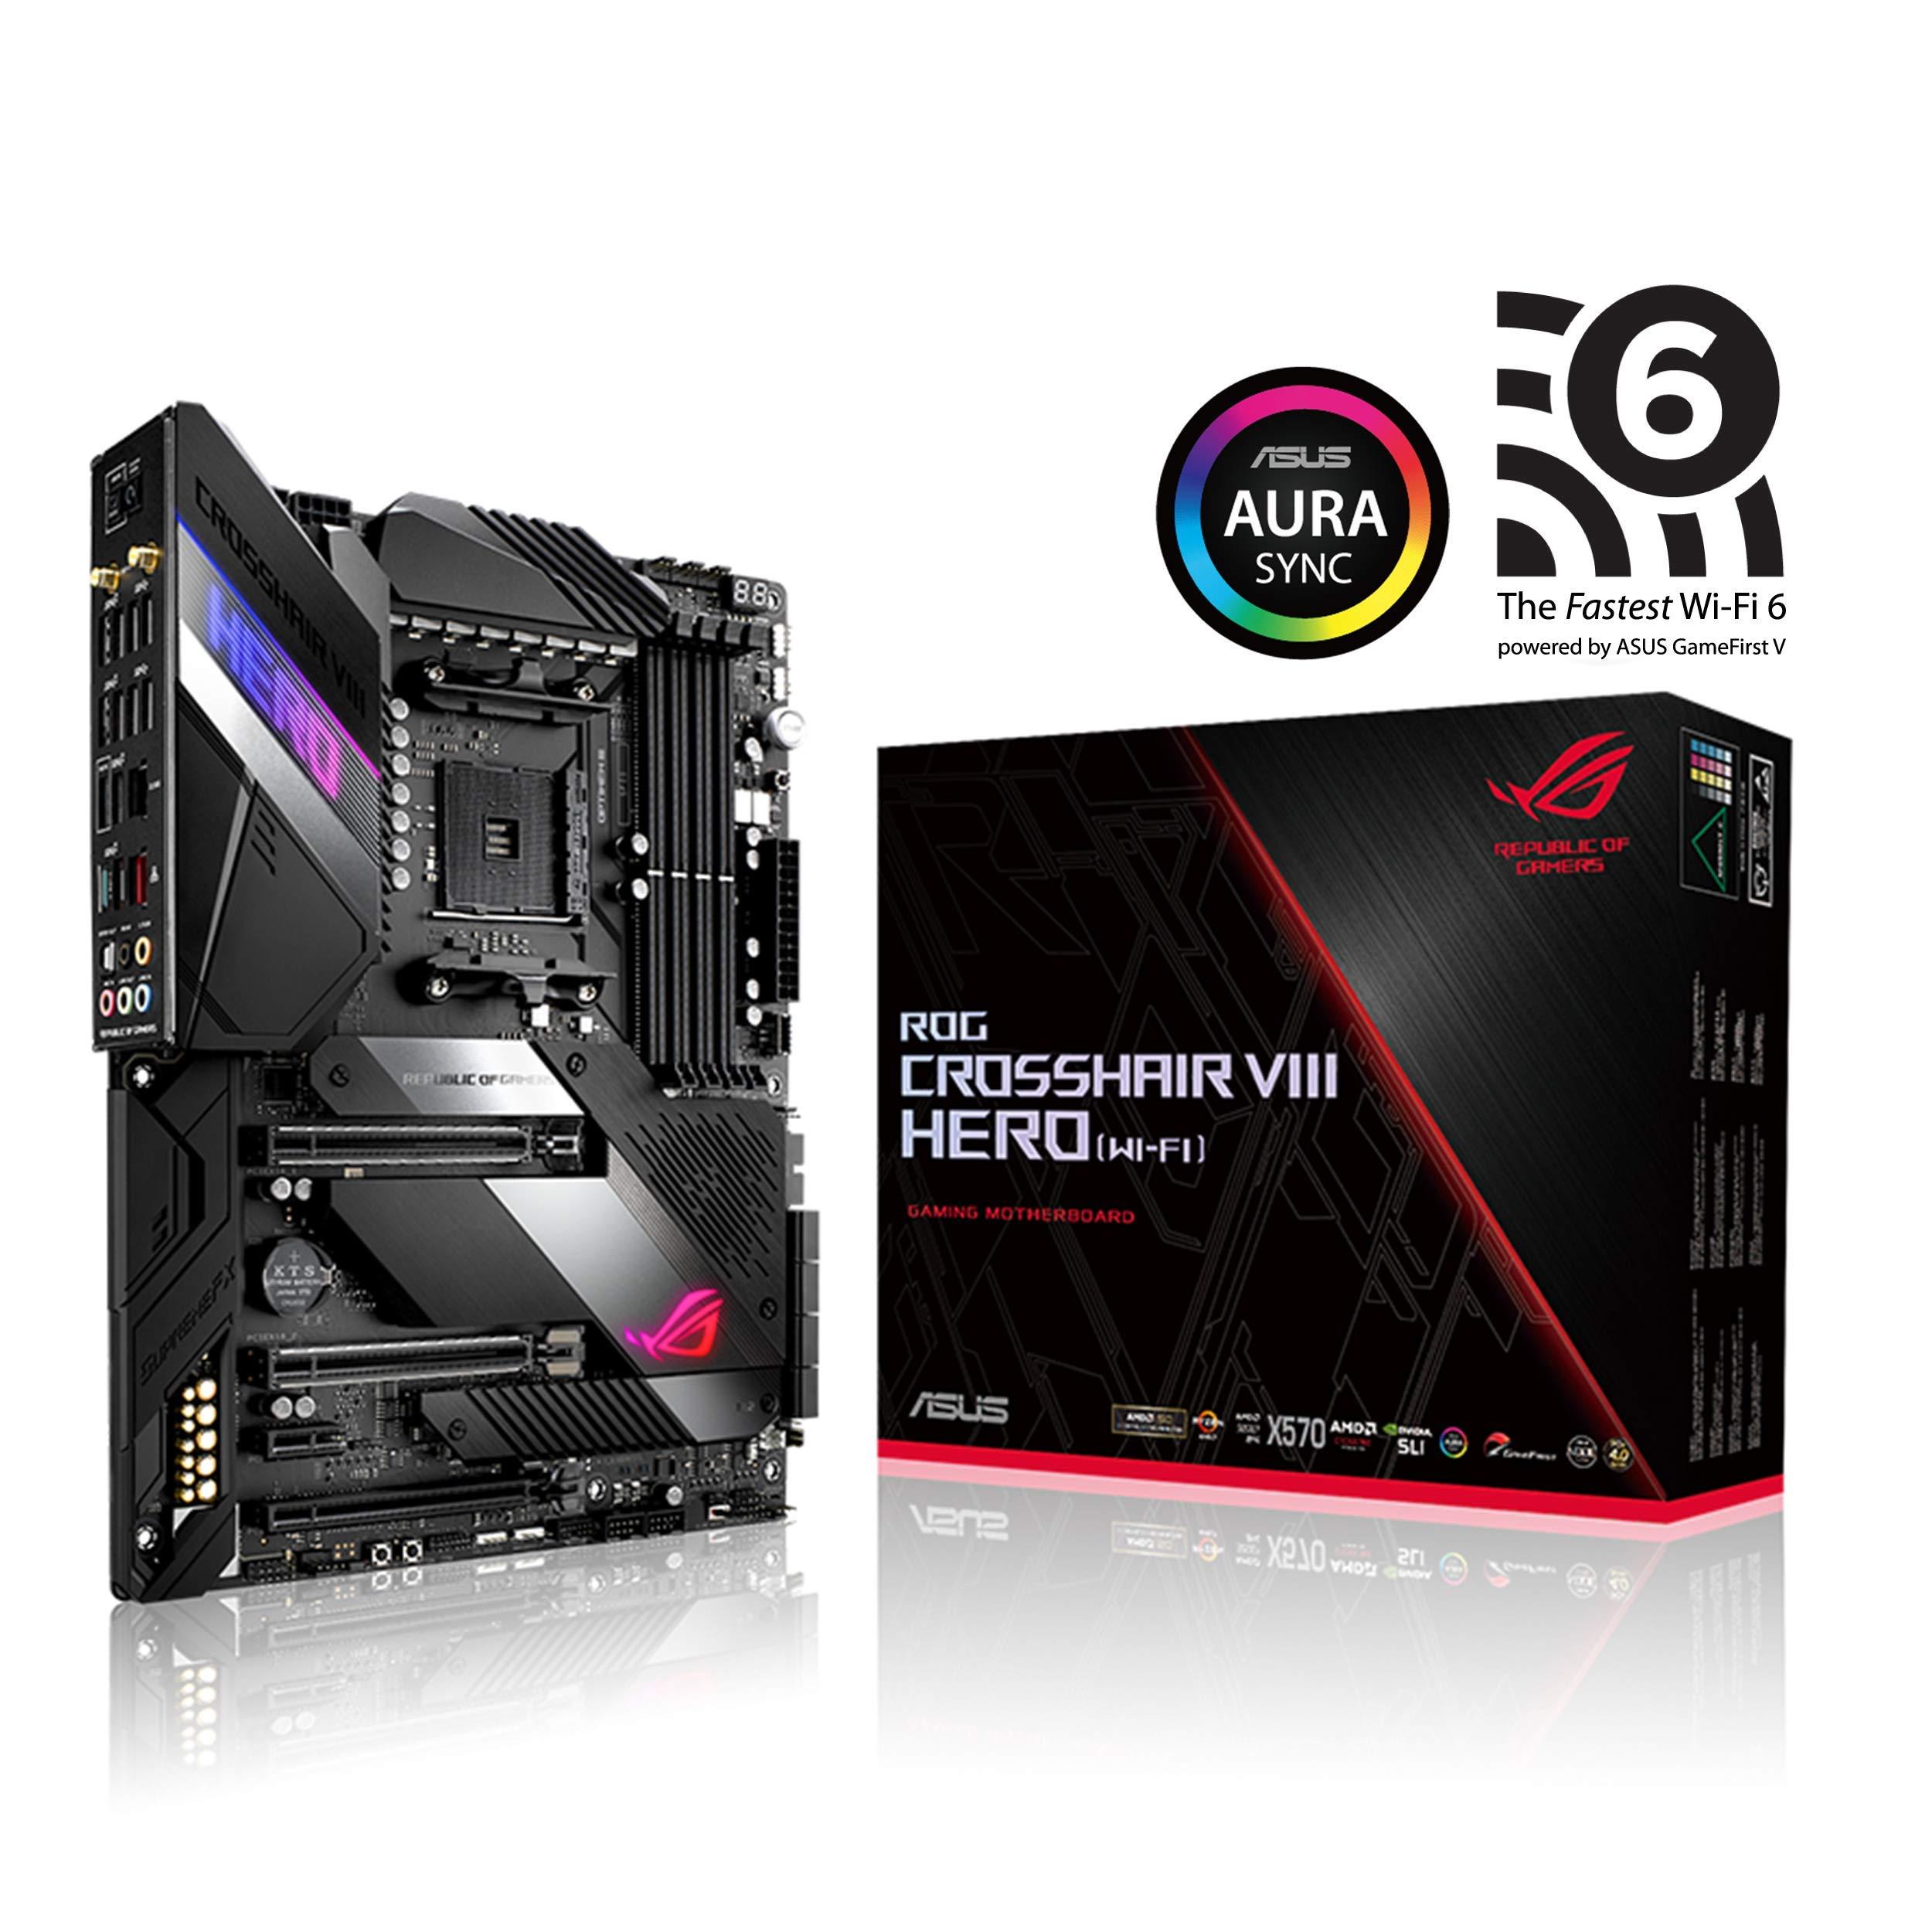 ASUS ROG X570 Crosshair VIII Hero (Wi-Fi) ATX Motherboard...